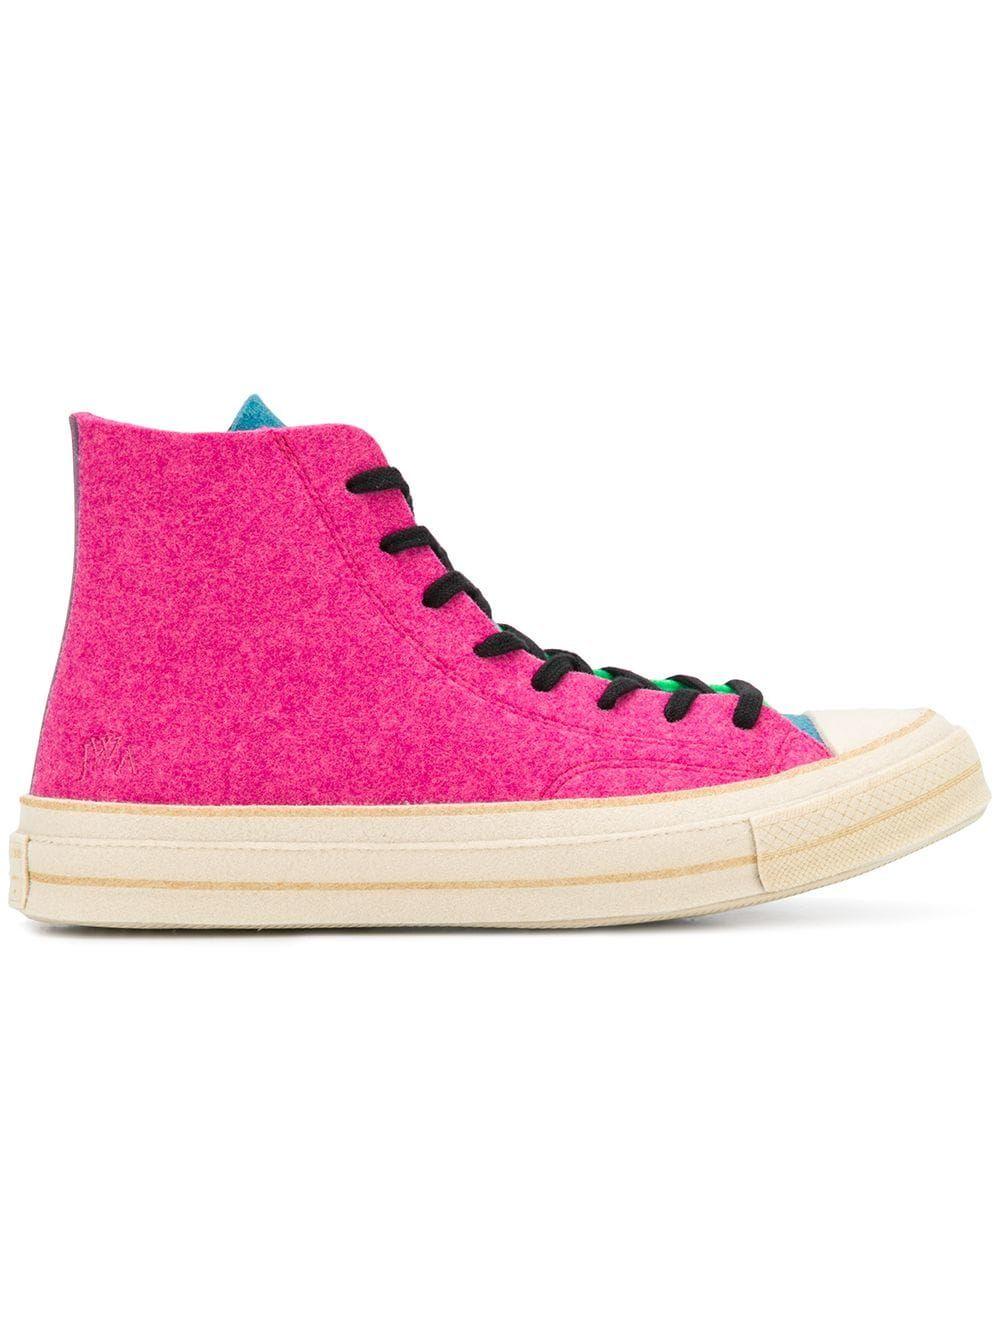 b5d442cca4e5 CONVERSE CONVERSE X JW ANDERSON CHUCK  70 HI SNEAKERS - PINK.  converse   shoes